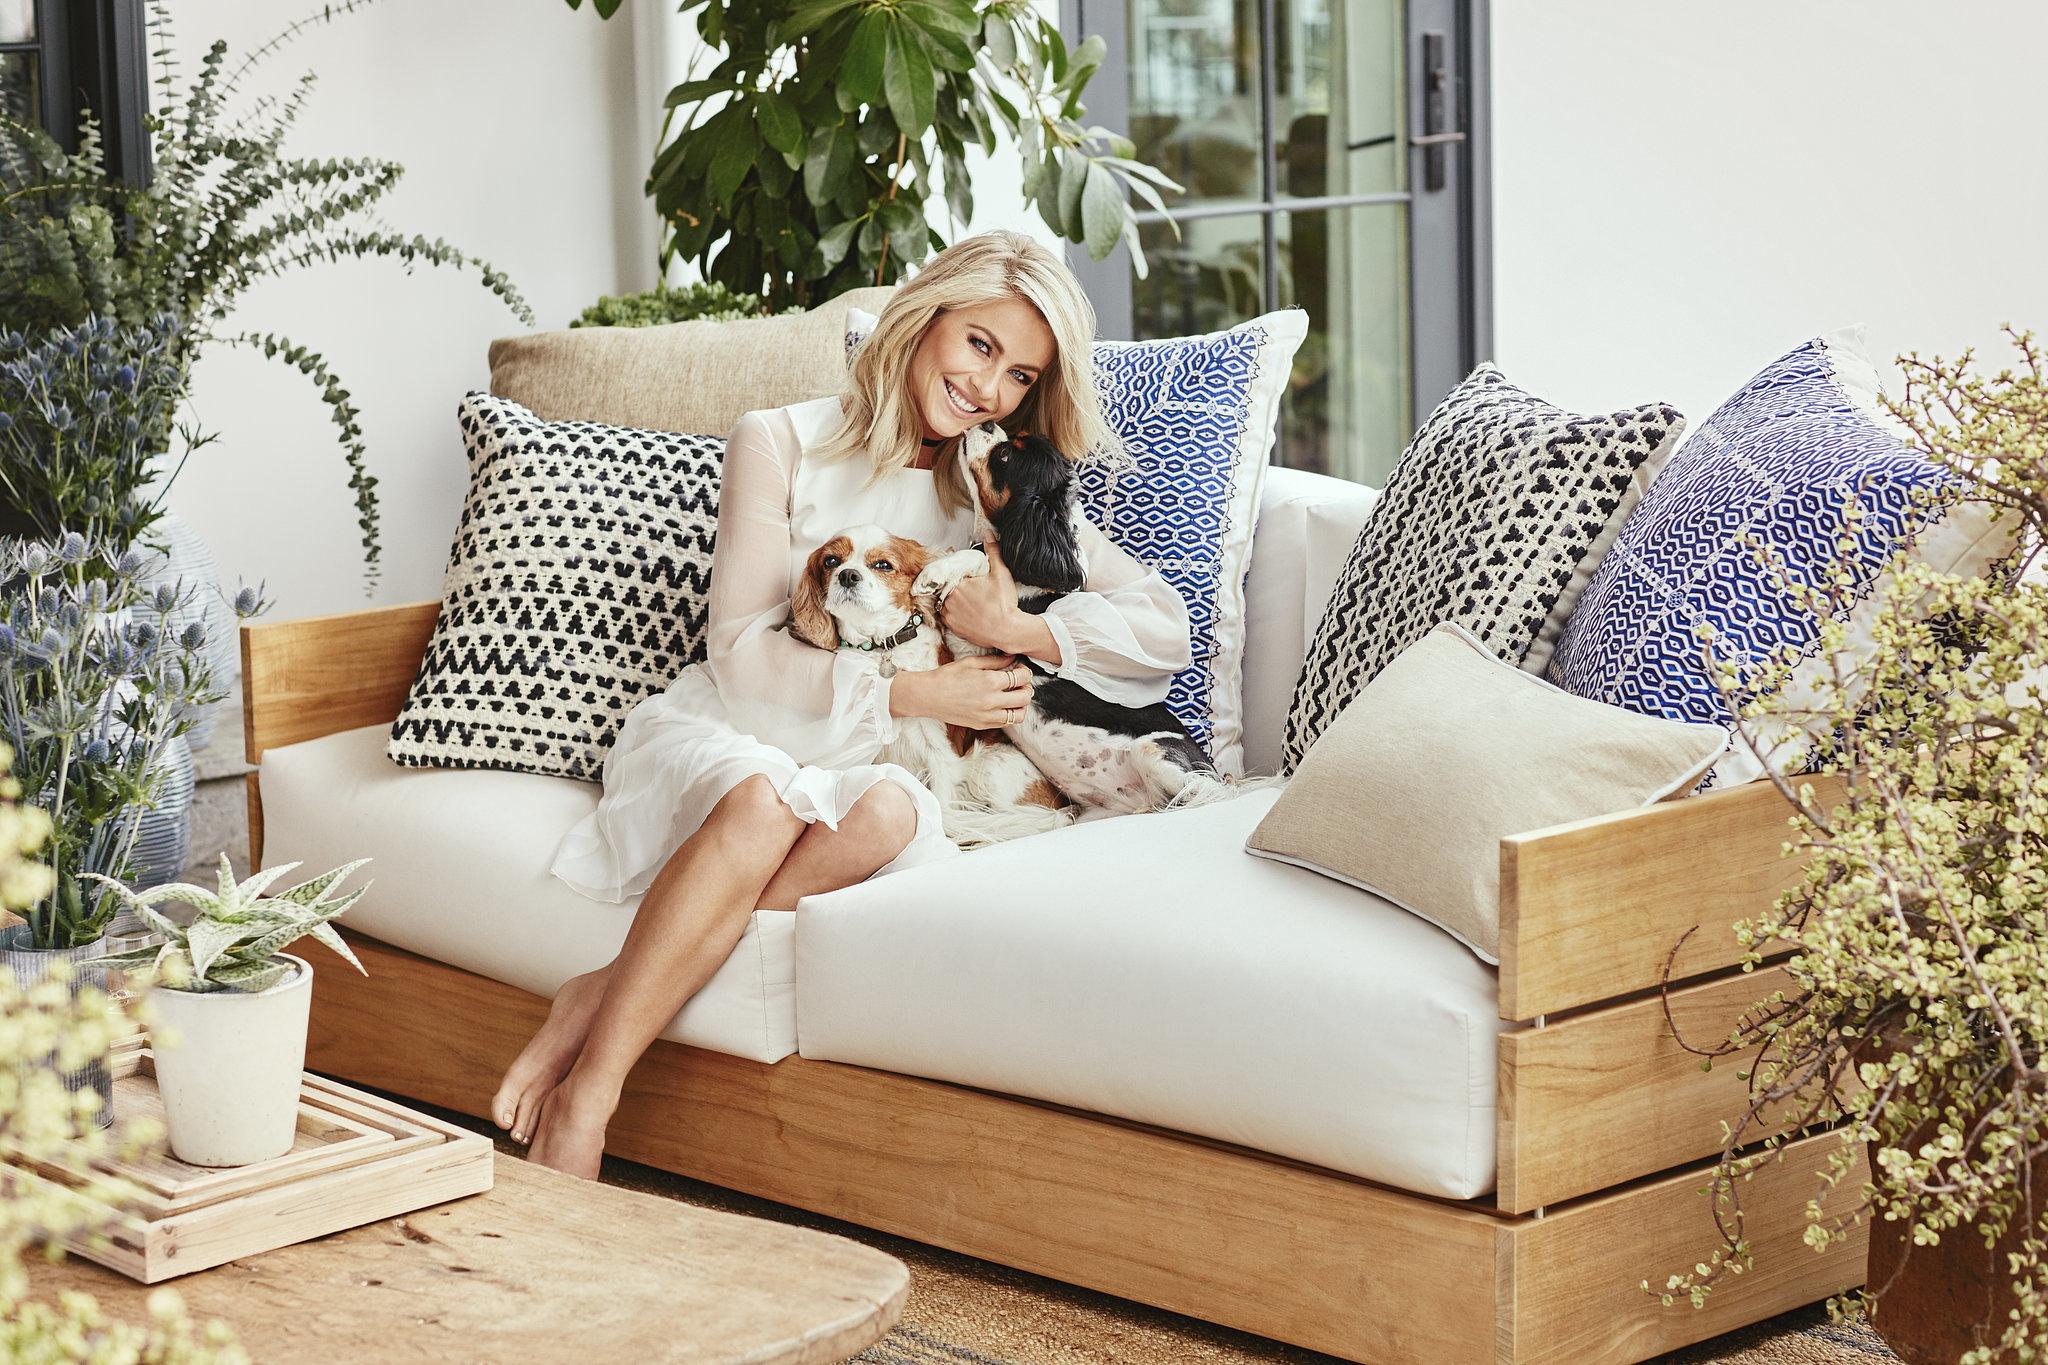 Julianne's Backyard | Kiki's List